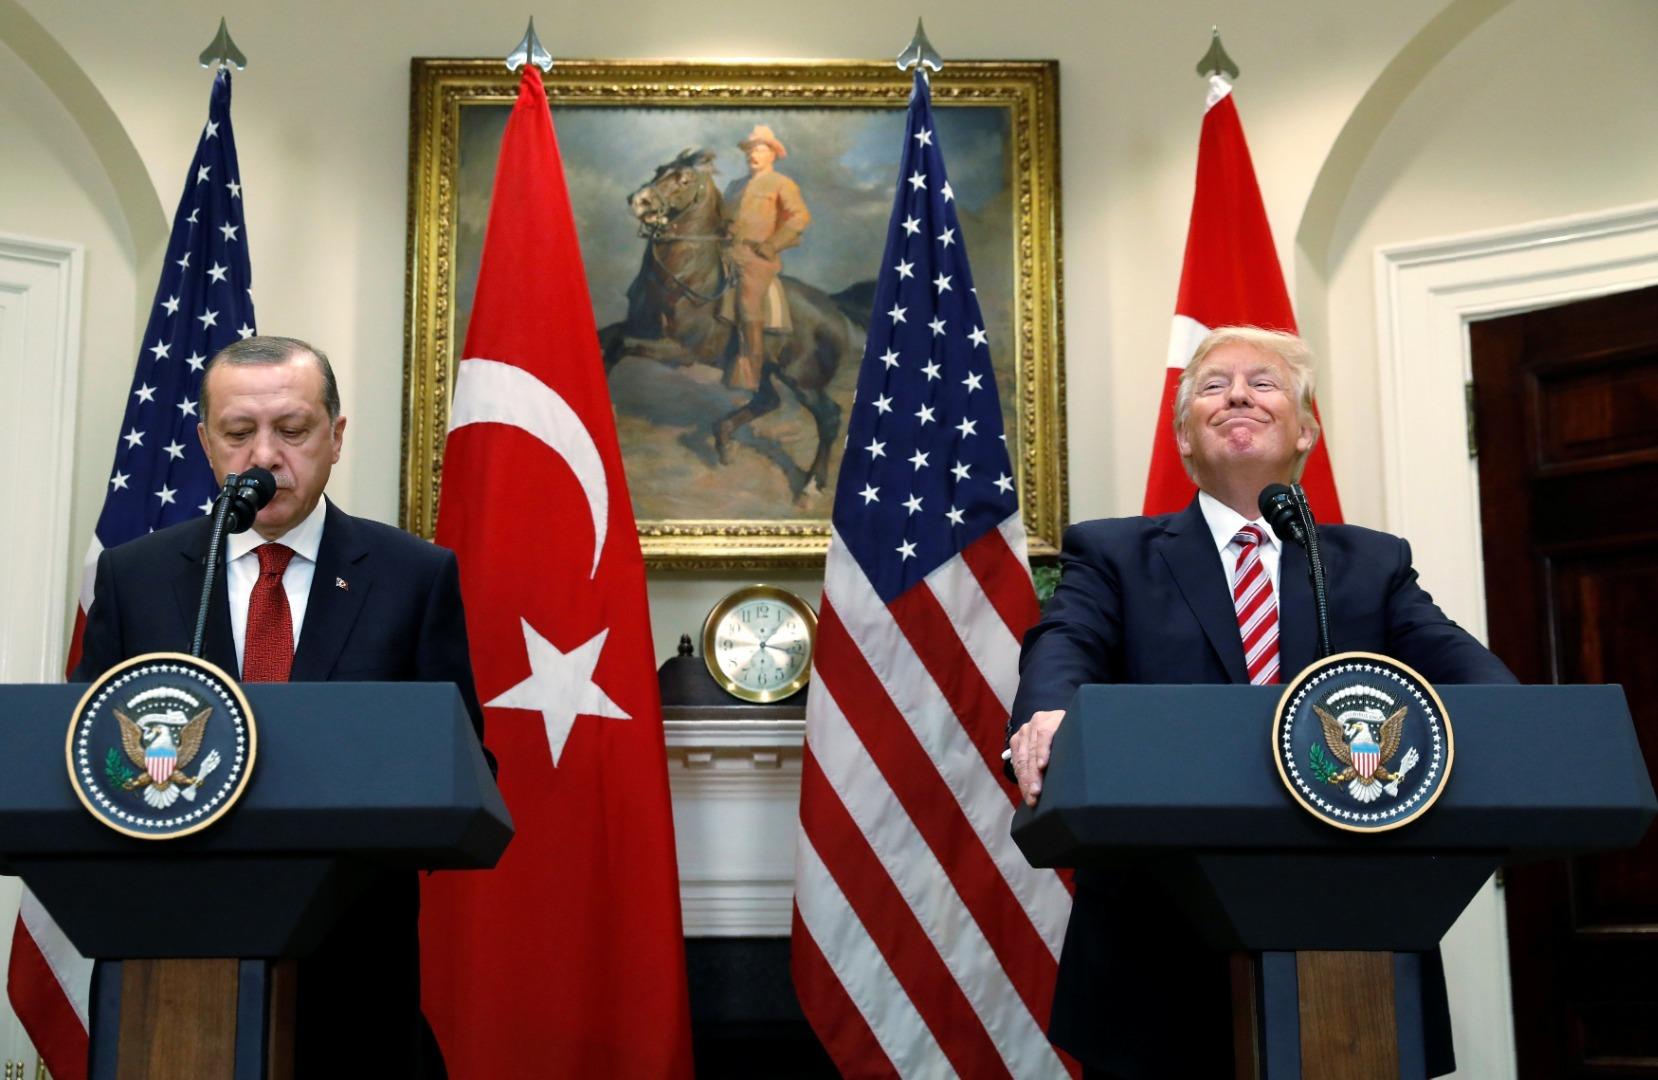 ABD STRATEJİK ZALİMDİR, AKP İSE TRAJİK İŞBİRLİKÇİDİR